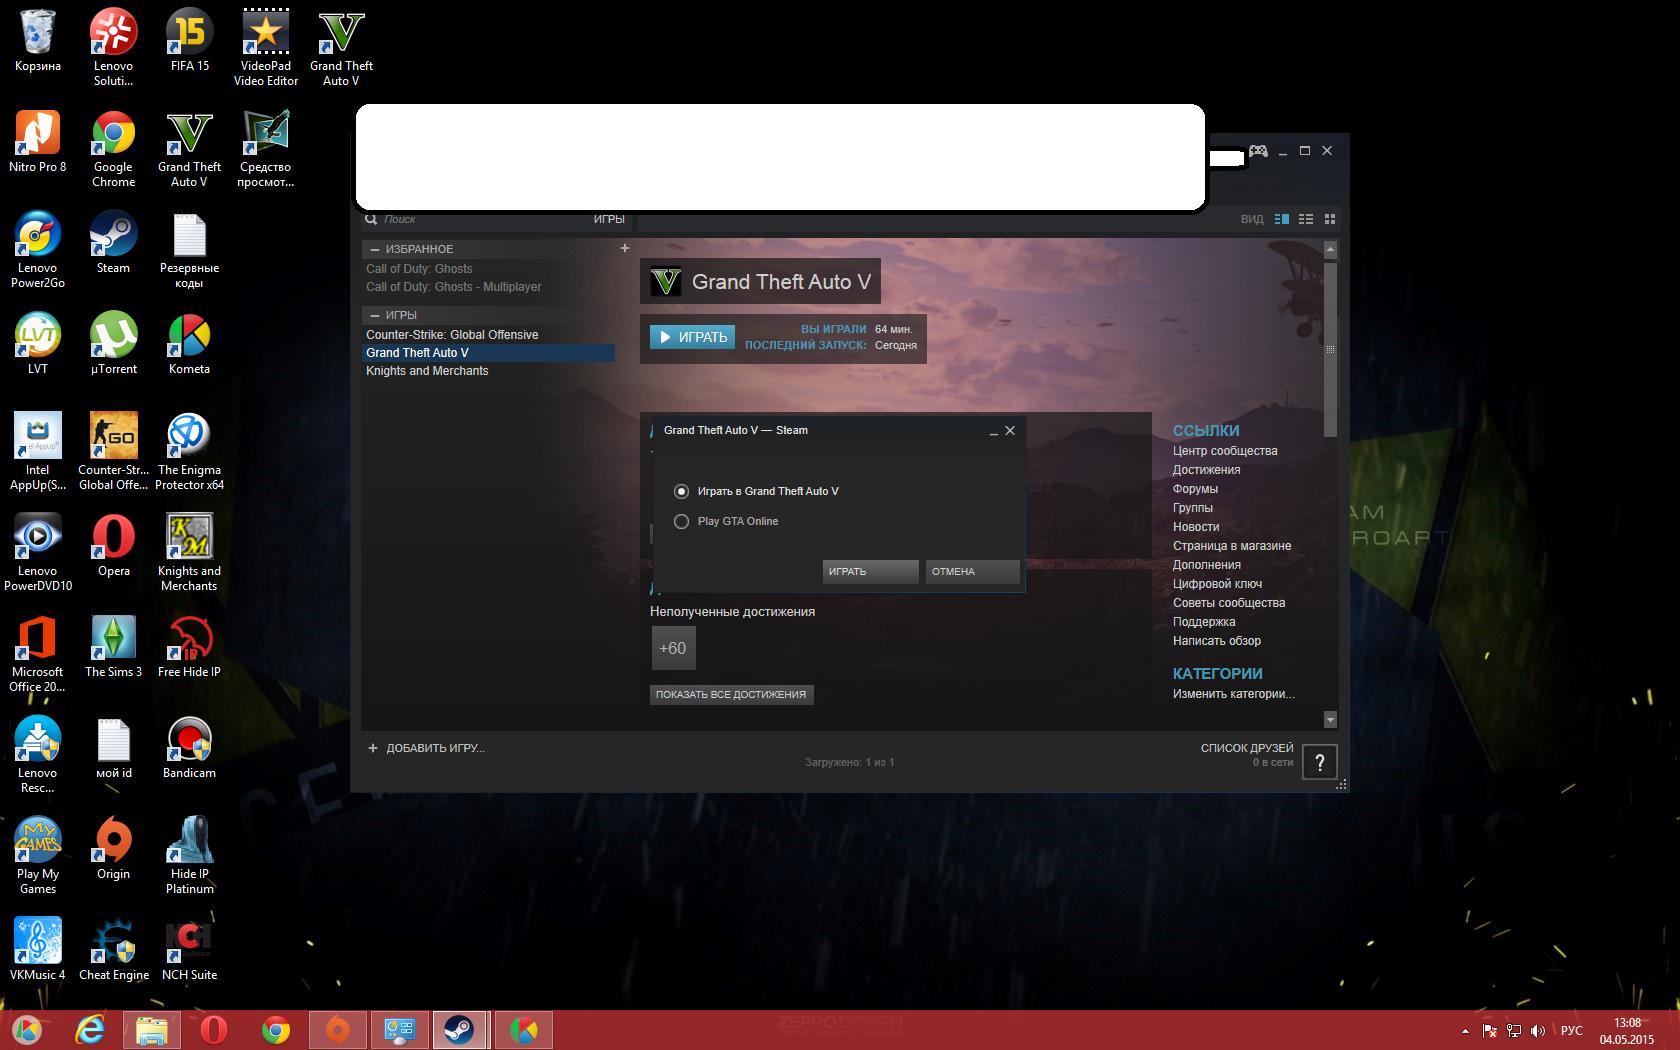 лицензионный ключ на vkduty для про версии